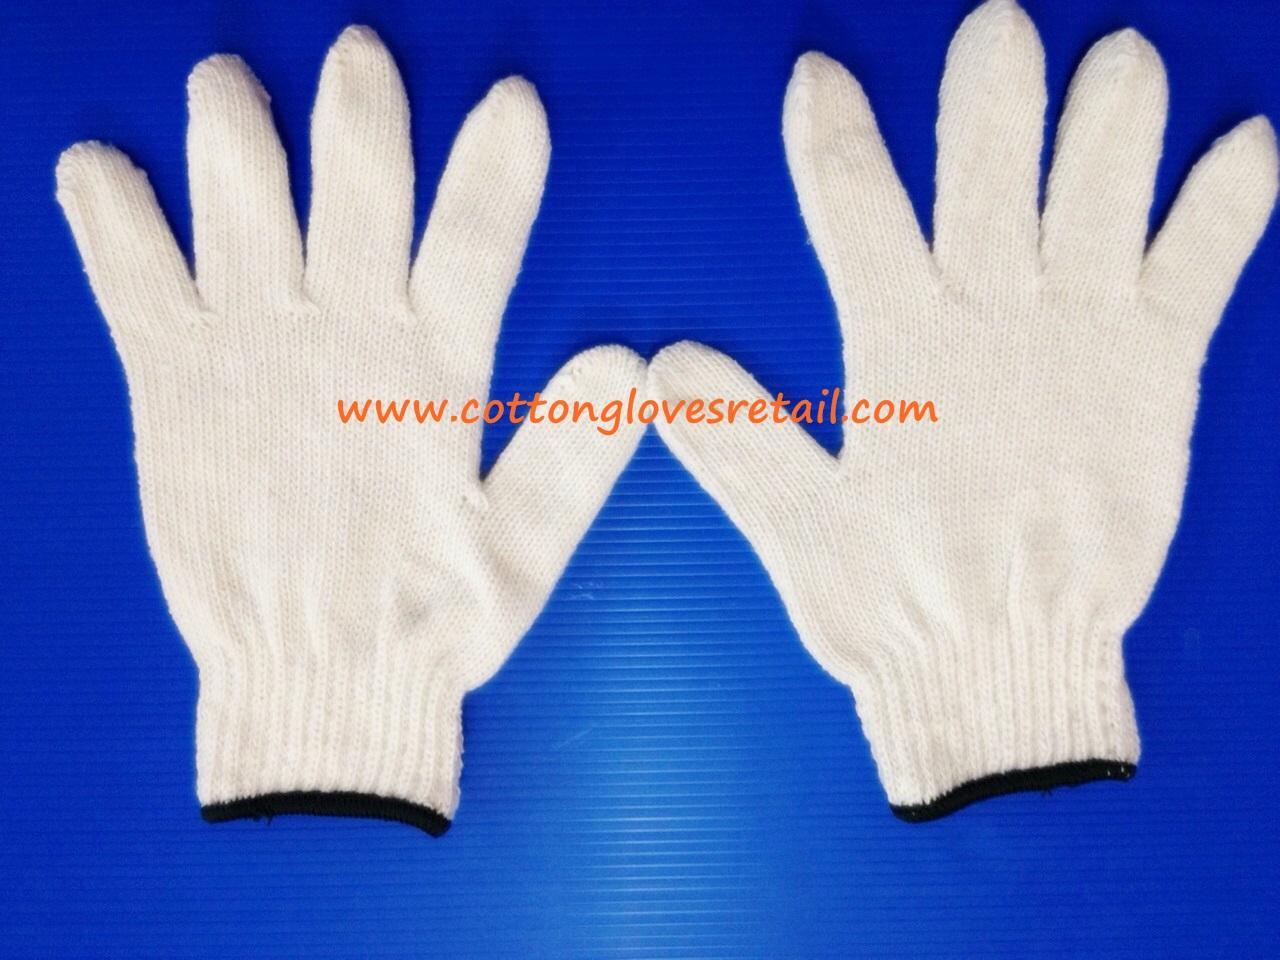 ถุงมือผ้าฝ้ายขนาด 500 กรัม จำนวน 10 โหล